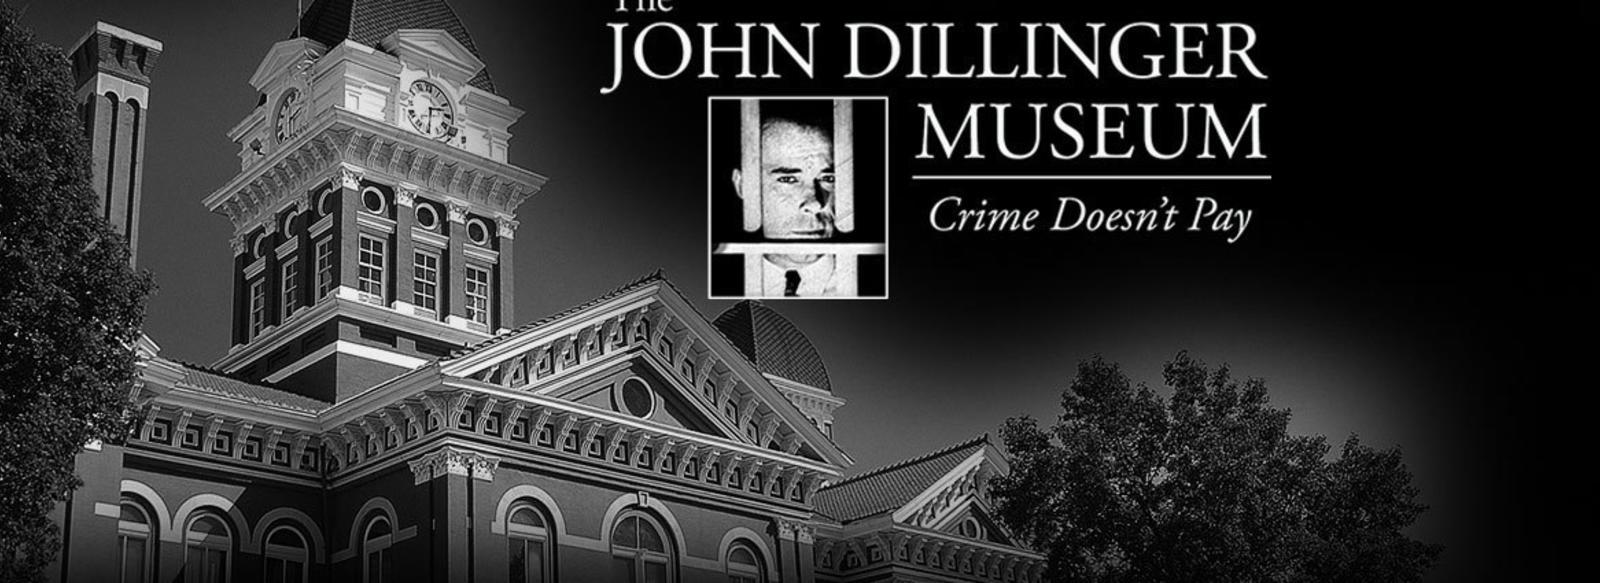 John Dillinger Museum